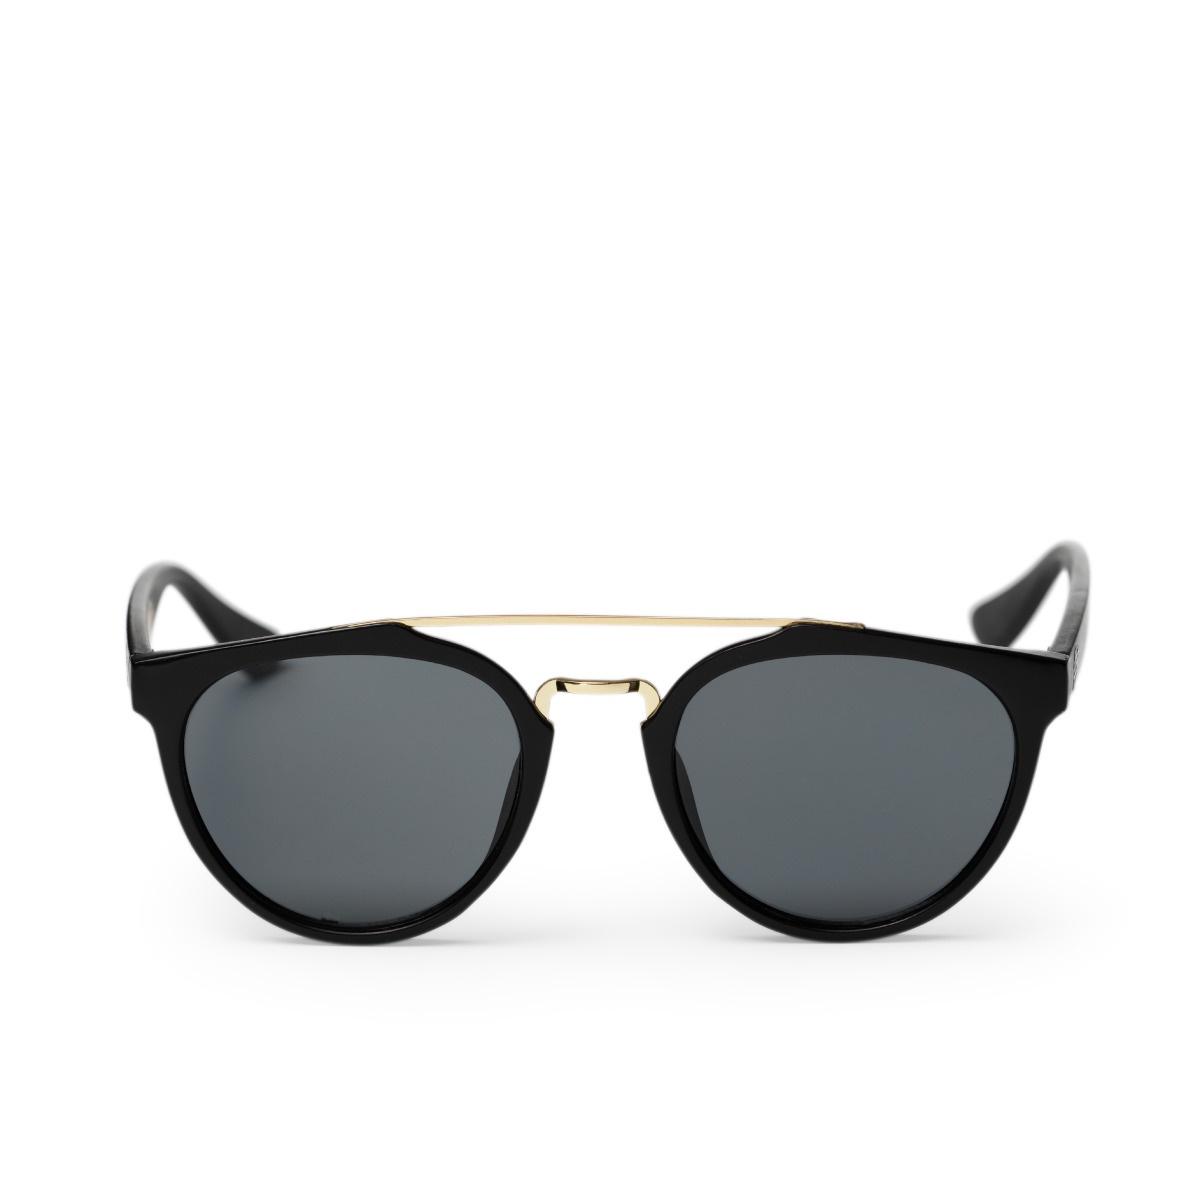 Copenhagen Sunglasses from CHPO